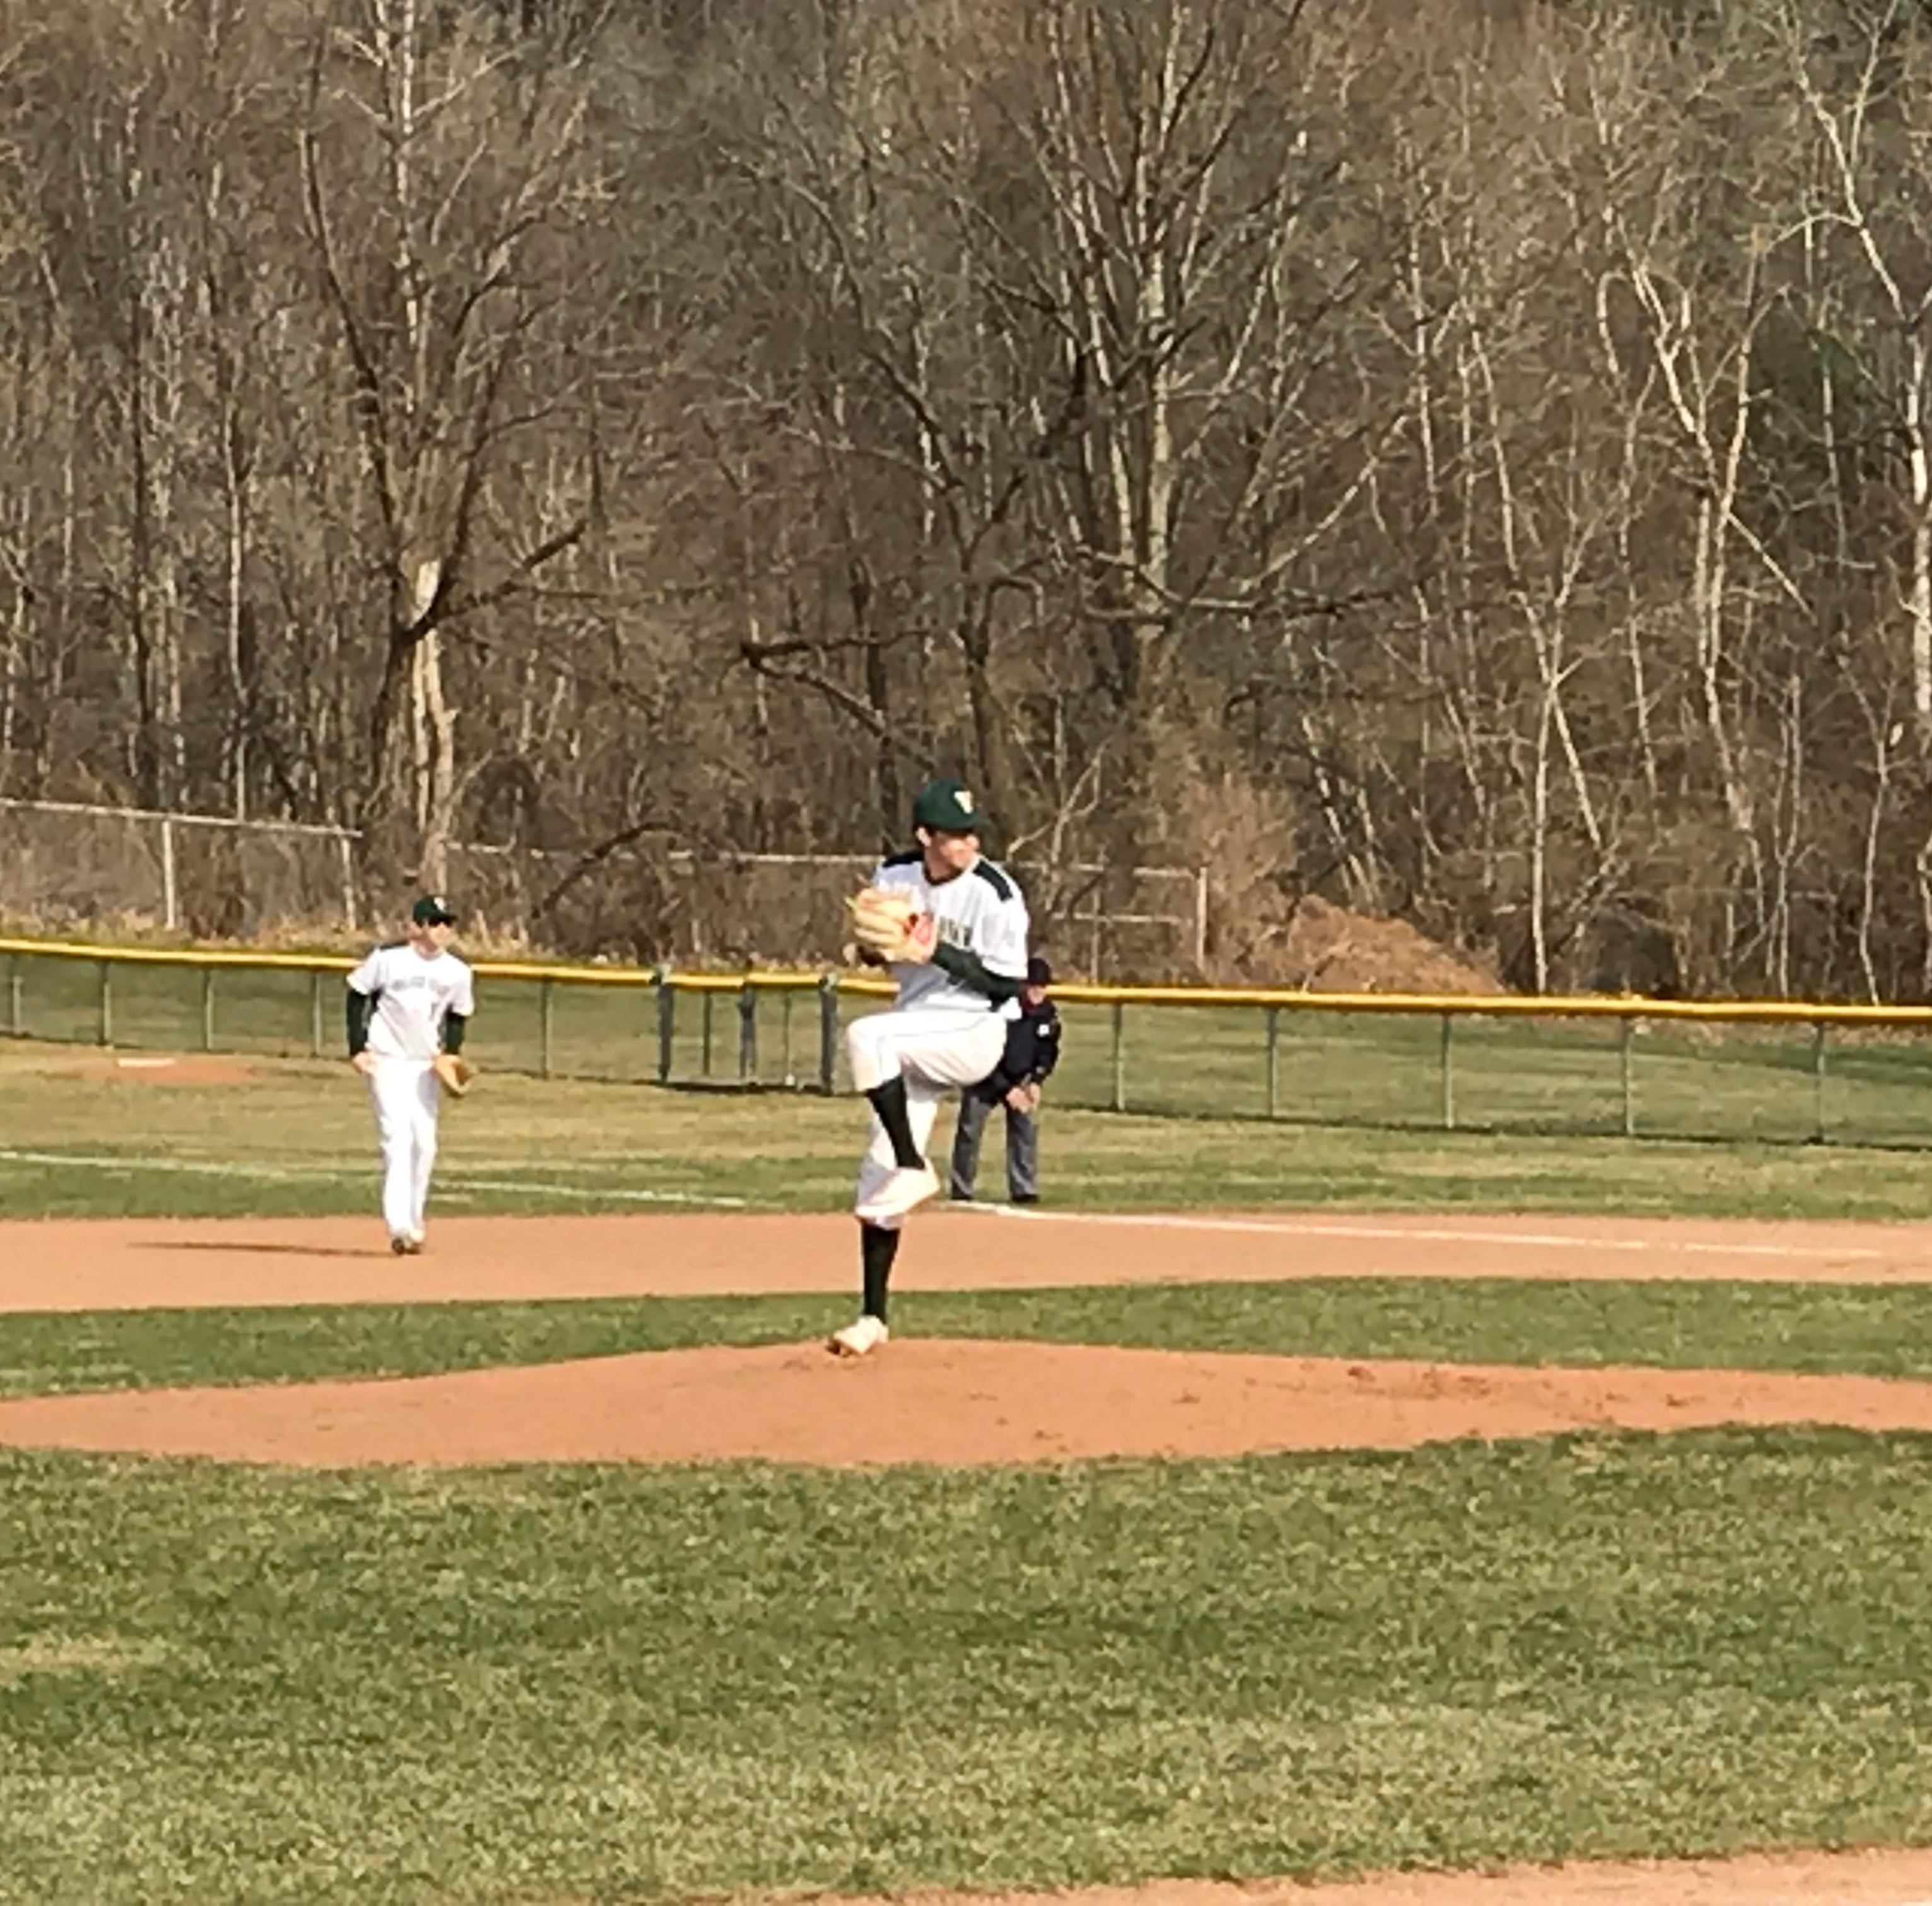 H.S. Baseball: Taborne pitches Vestal past M-E